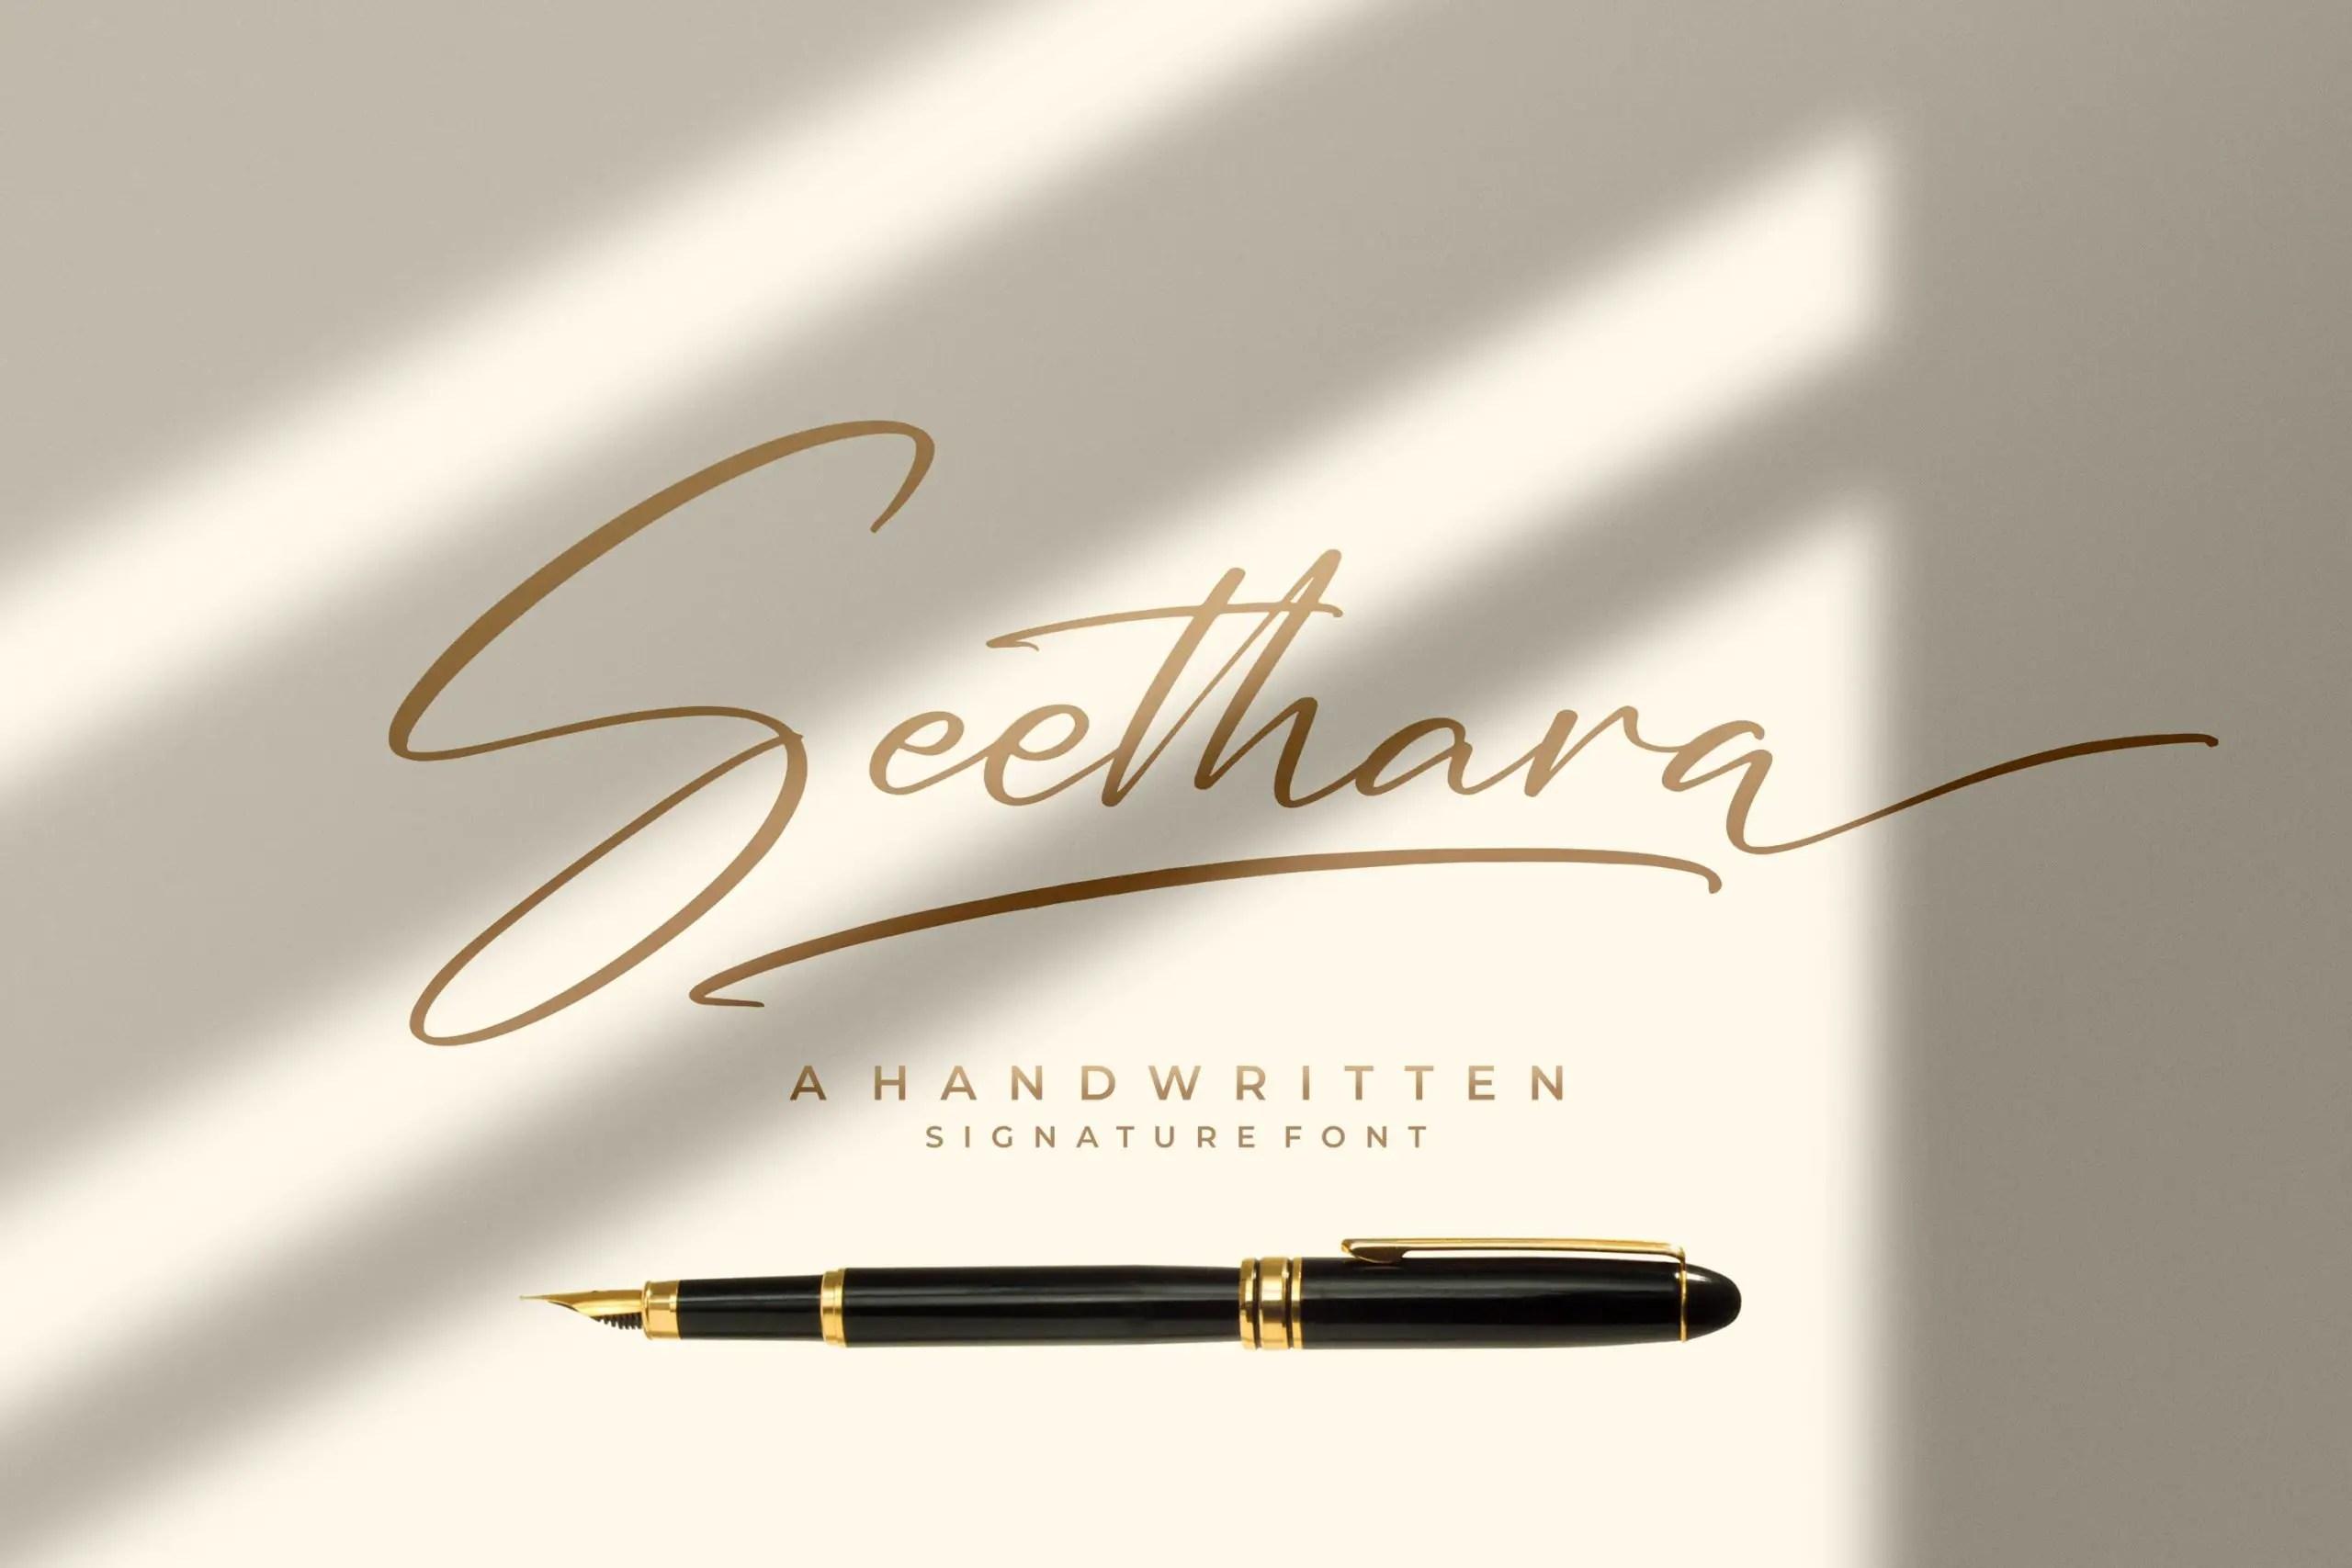 Seethara Signature Script Font -1